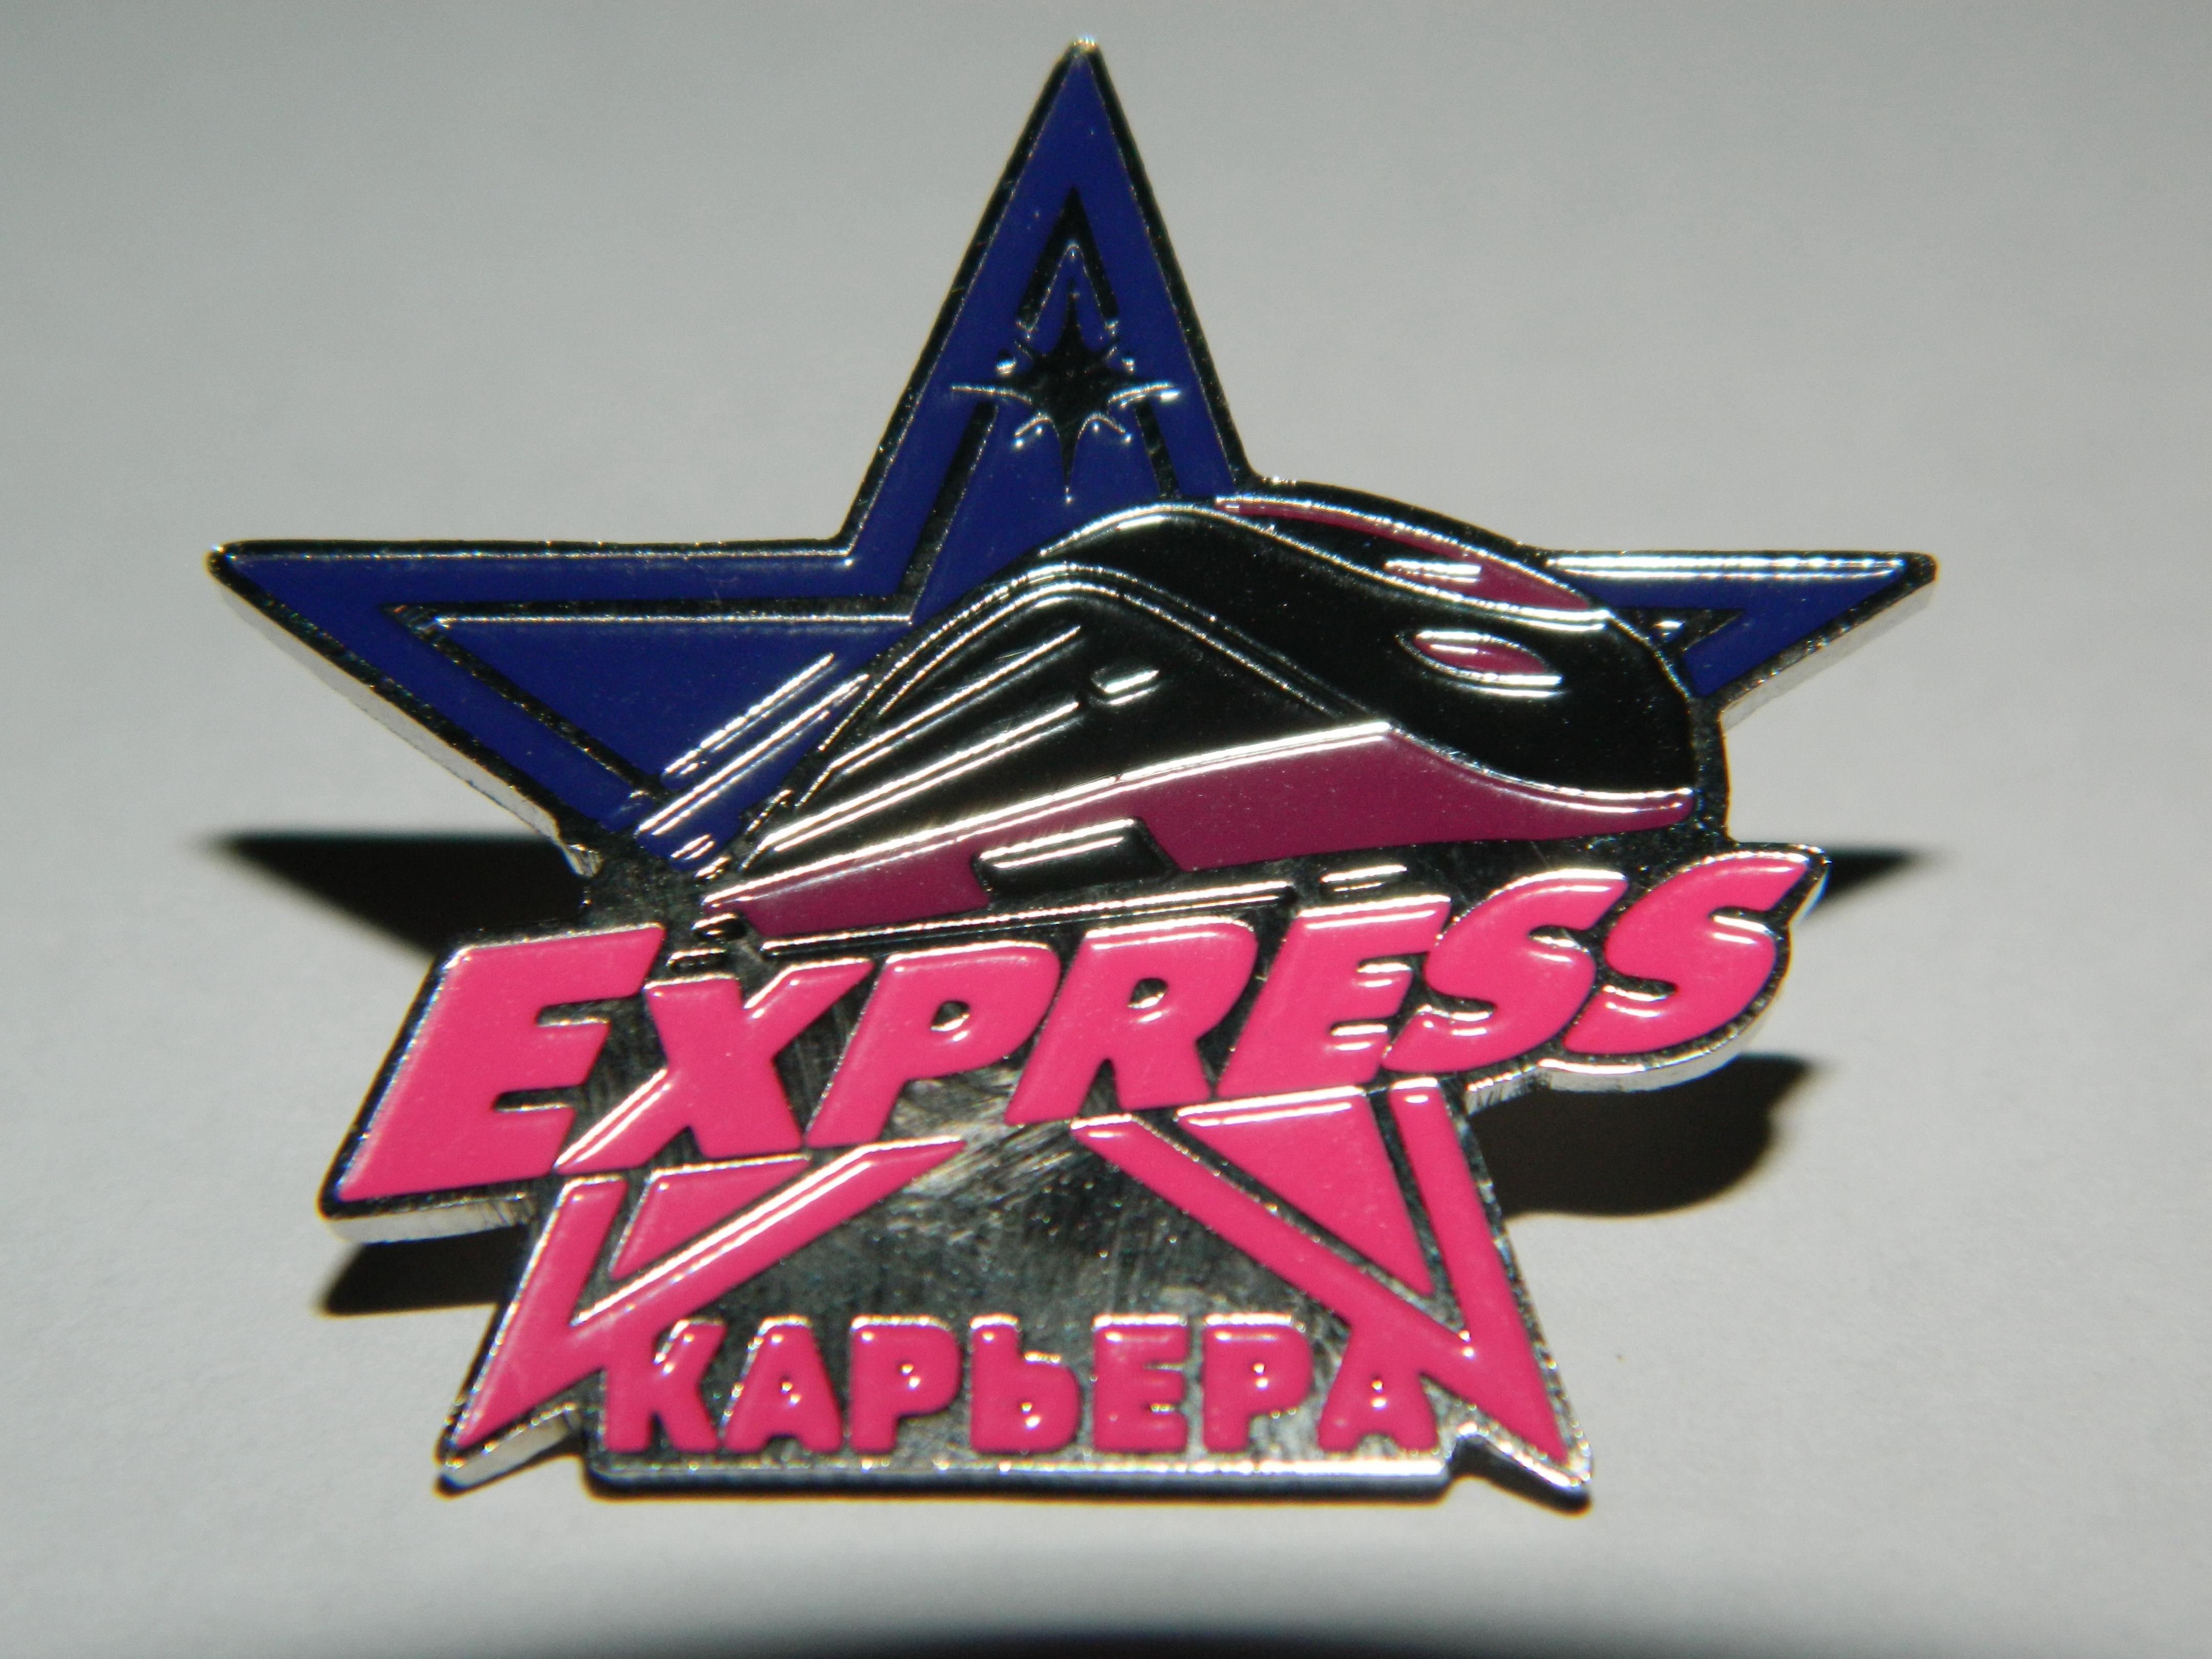 Логотип экспресс карьера картинка